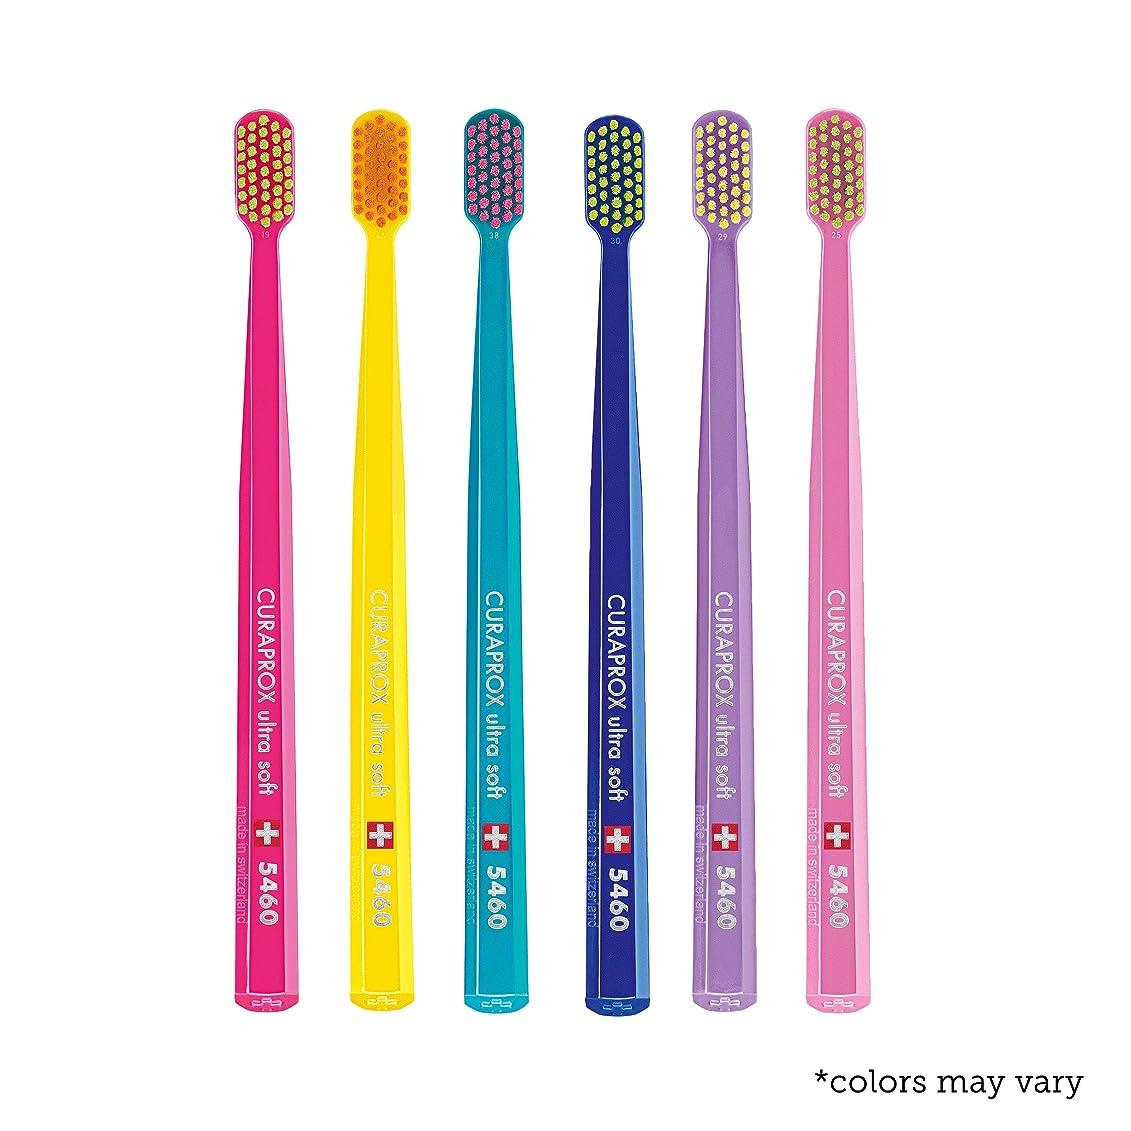 好奇心市の花運河Ultra soft toothbrush, 6 brushes, Curaprox Ultra Soft 5460. Softer feeling & better cleaning, in amazing vivid colours. by Curaprox